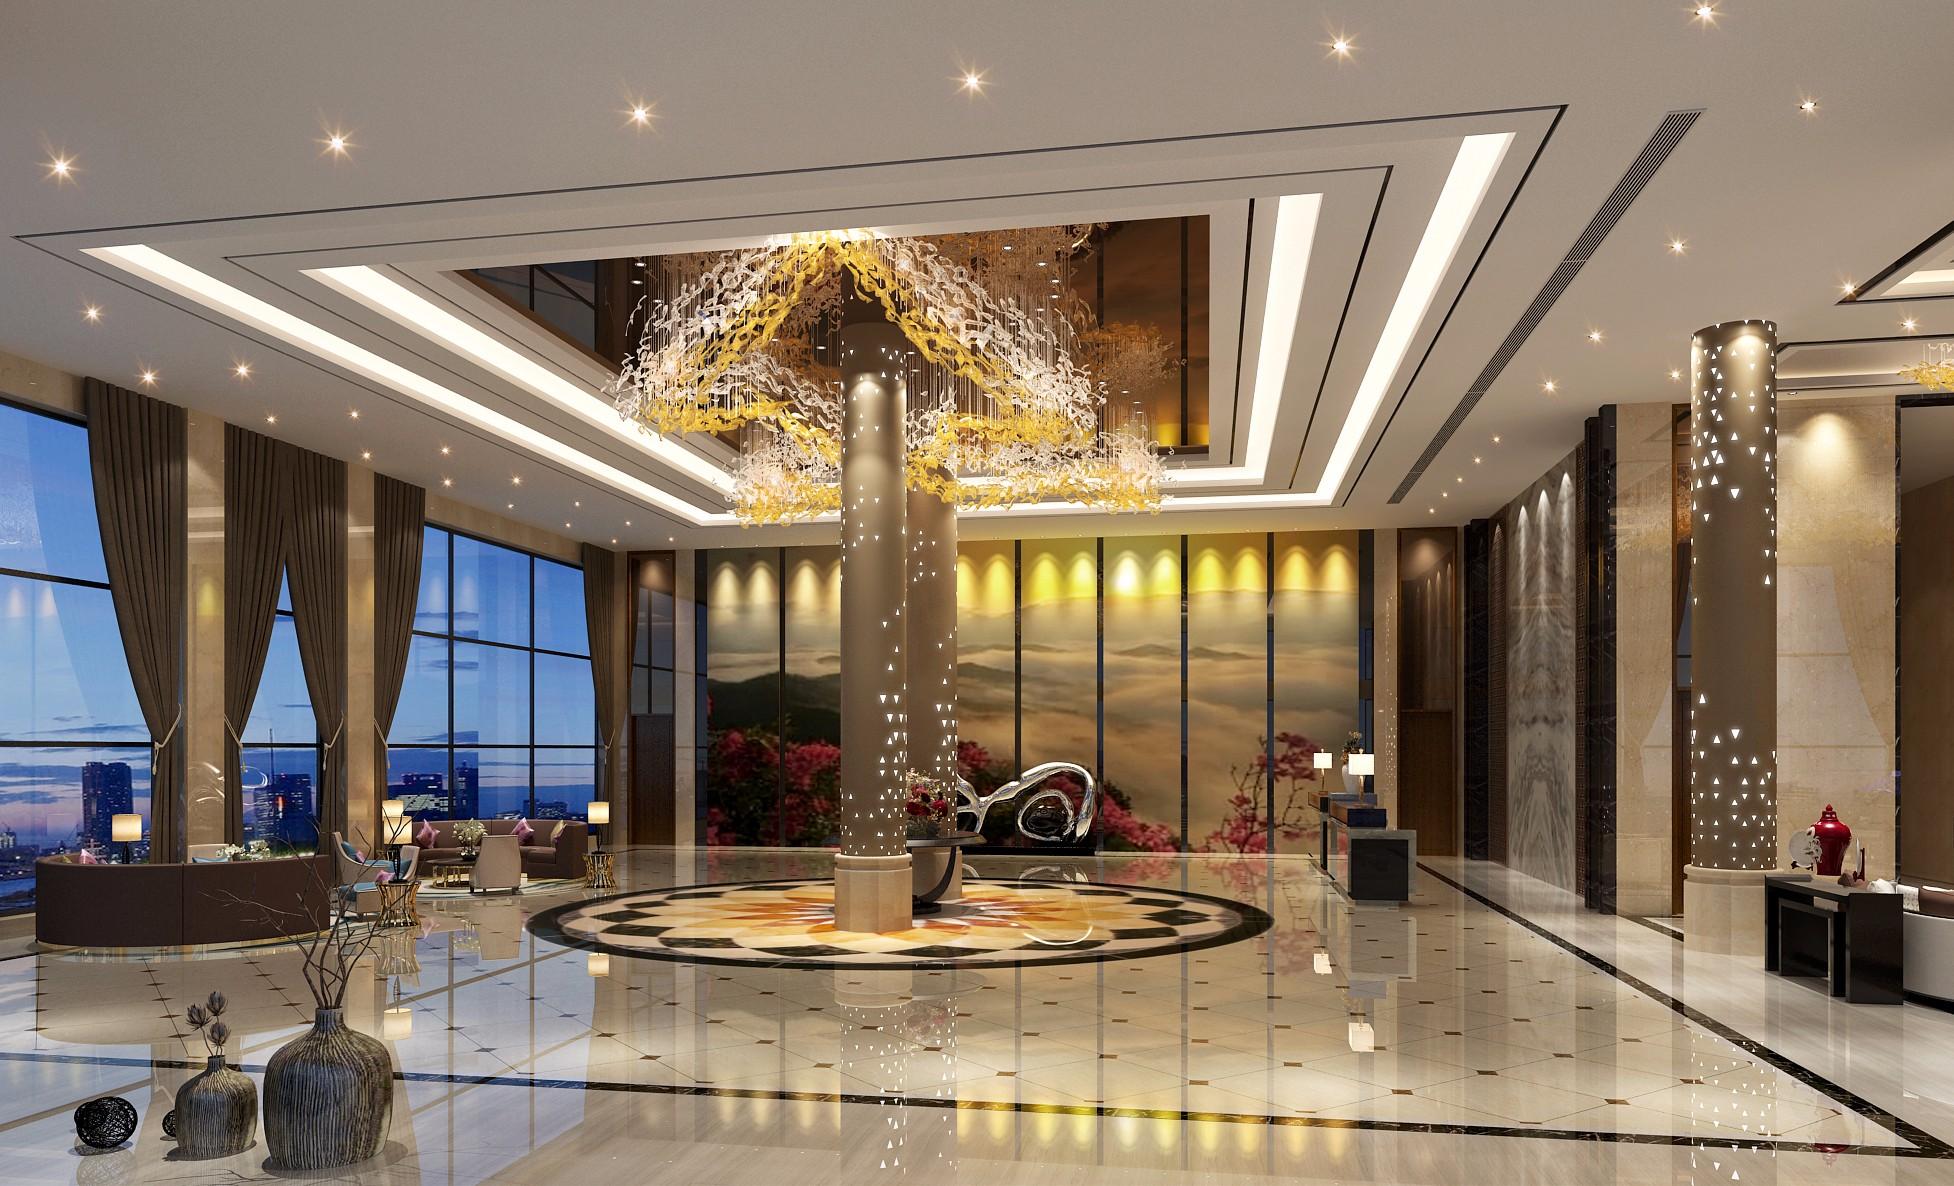 酒店大堂 - 效果图交流区-建e室内设计网